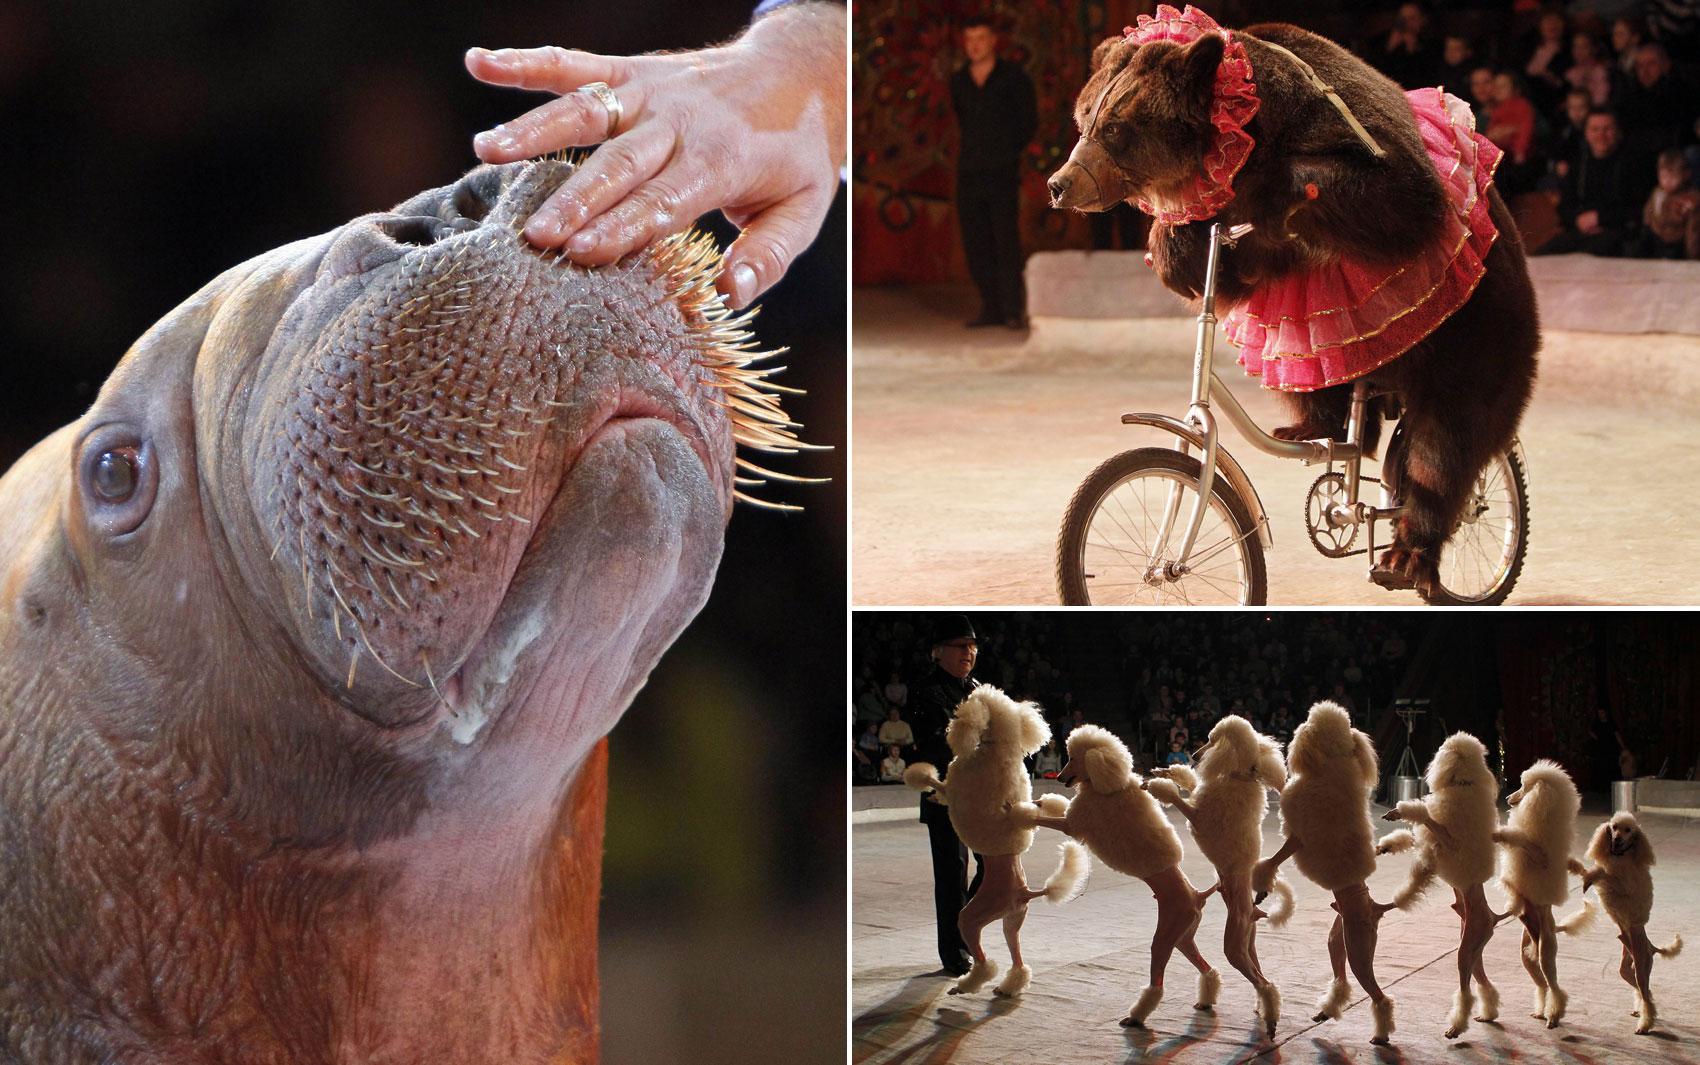 O Circo nacional apresenta um novo espetáculo em Kiev, Ucrânia, que conta com apresentações de morsas, cachorros e até um urso que anda de bicicleta. O uso de bichos selvagens se em circos gera protestos de defensores dos animais ao redor do mundo.